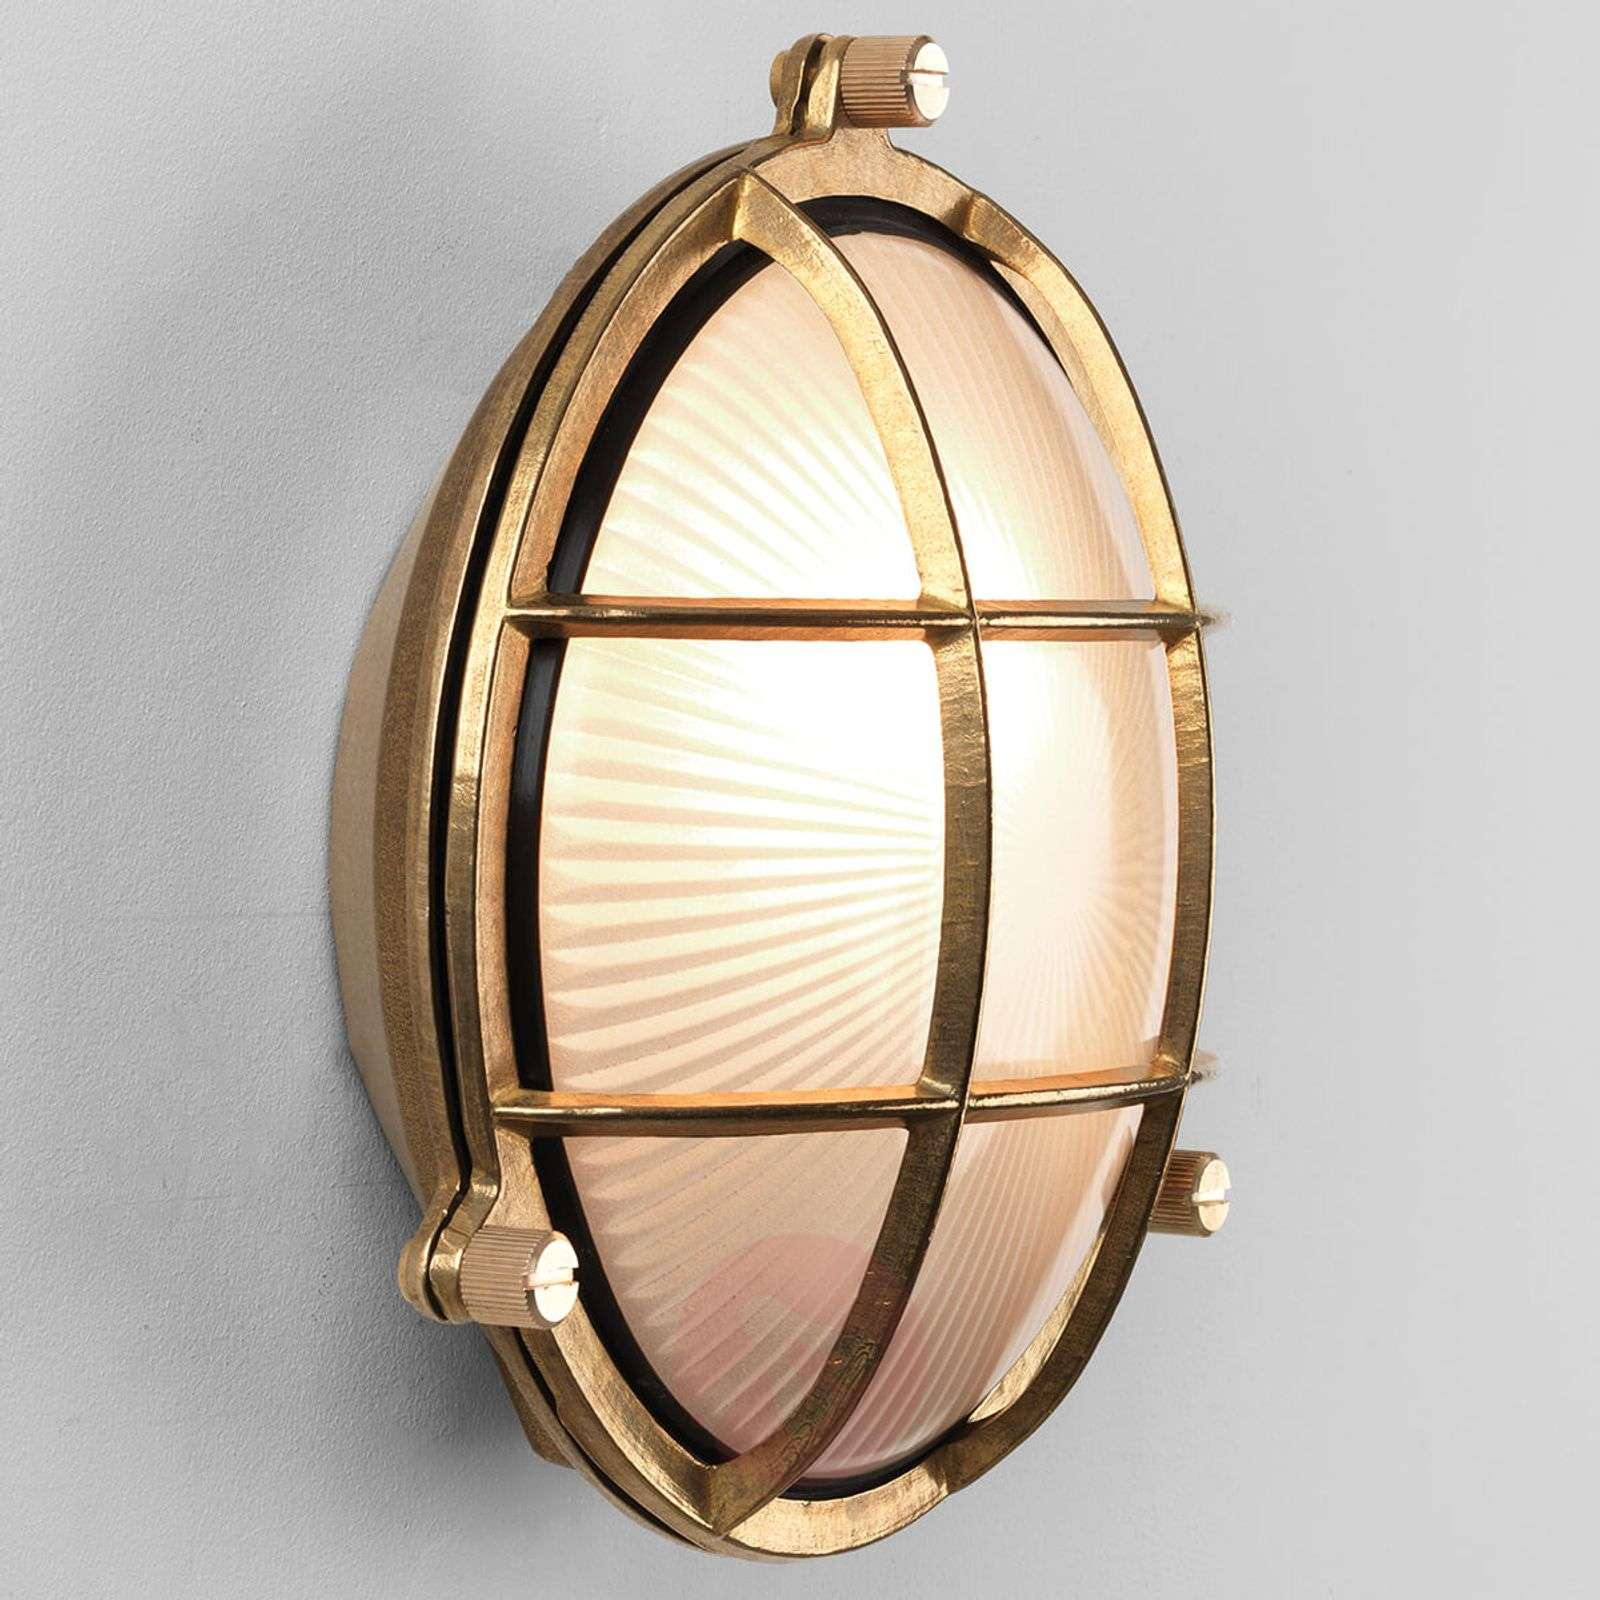 Tyylikkäästi muotoiltu laivavalaisin Thurso Round-1020581-01